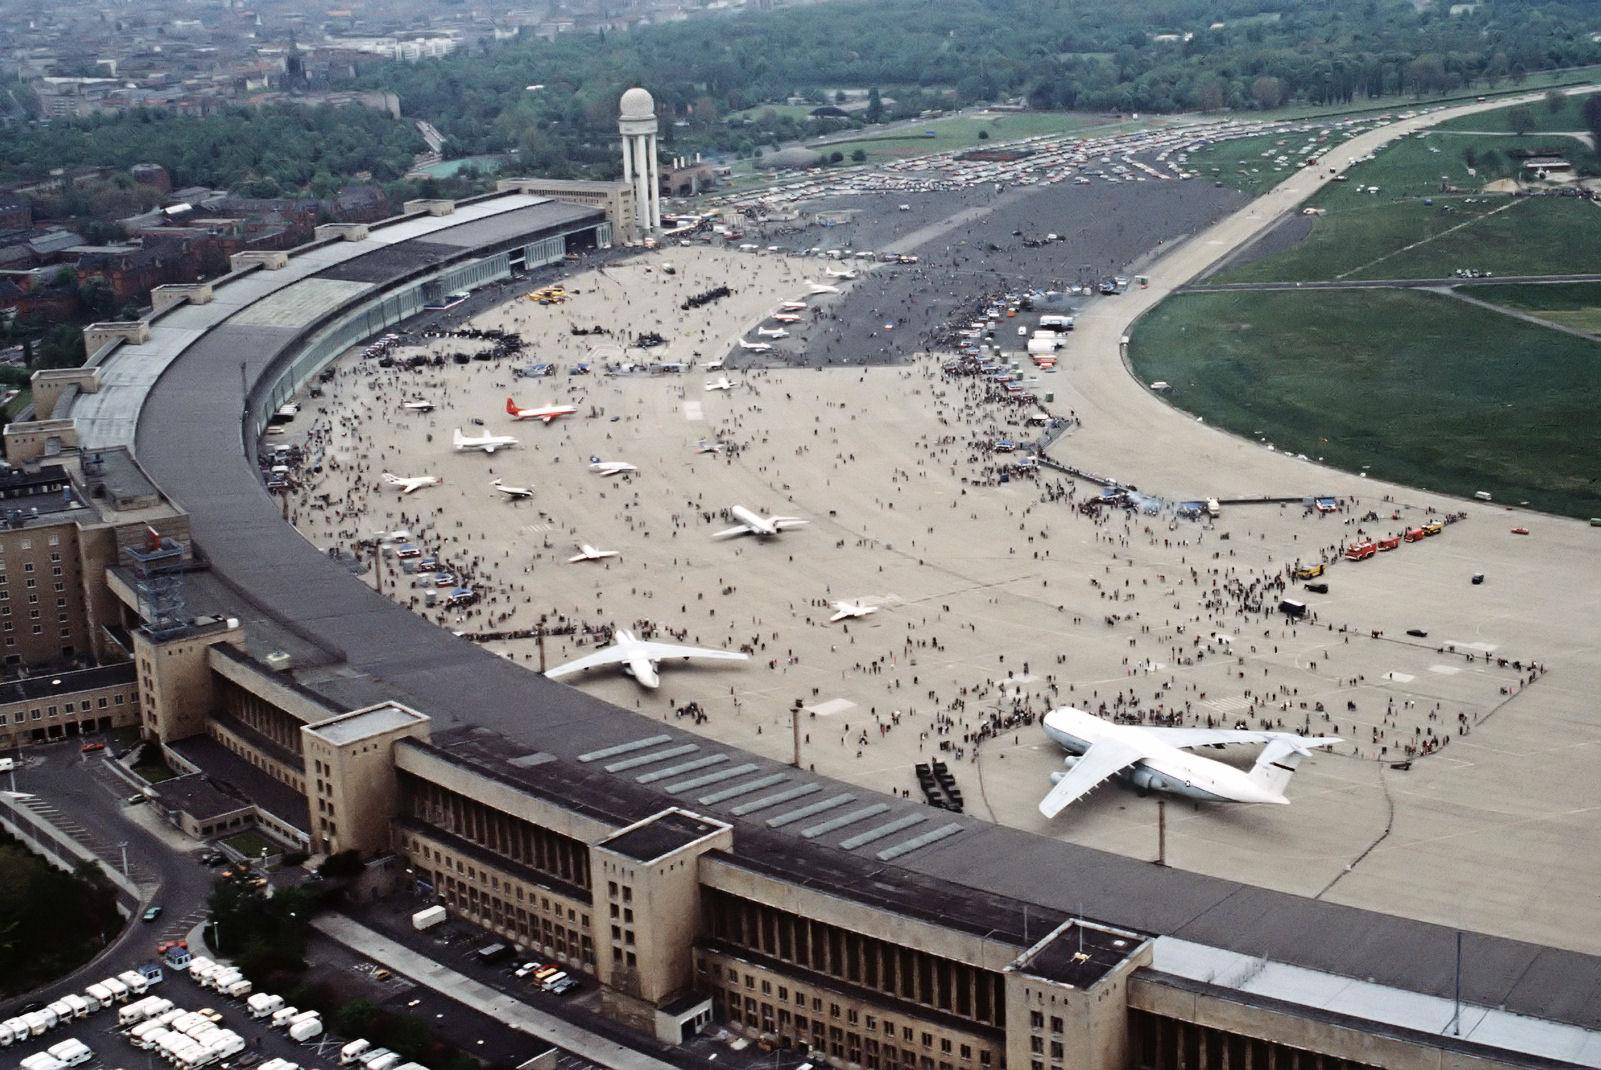 Arkivfoto fra Tempelhof i 1984, foto via Wikipedia: Jose Lopez Jr., US Air Force – DoD photo, ID DF-ST-85-10904.